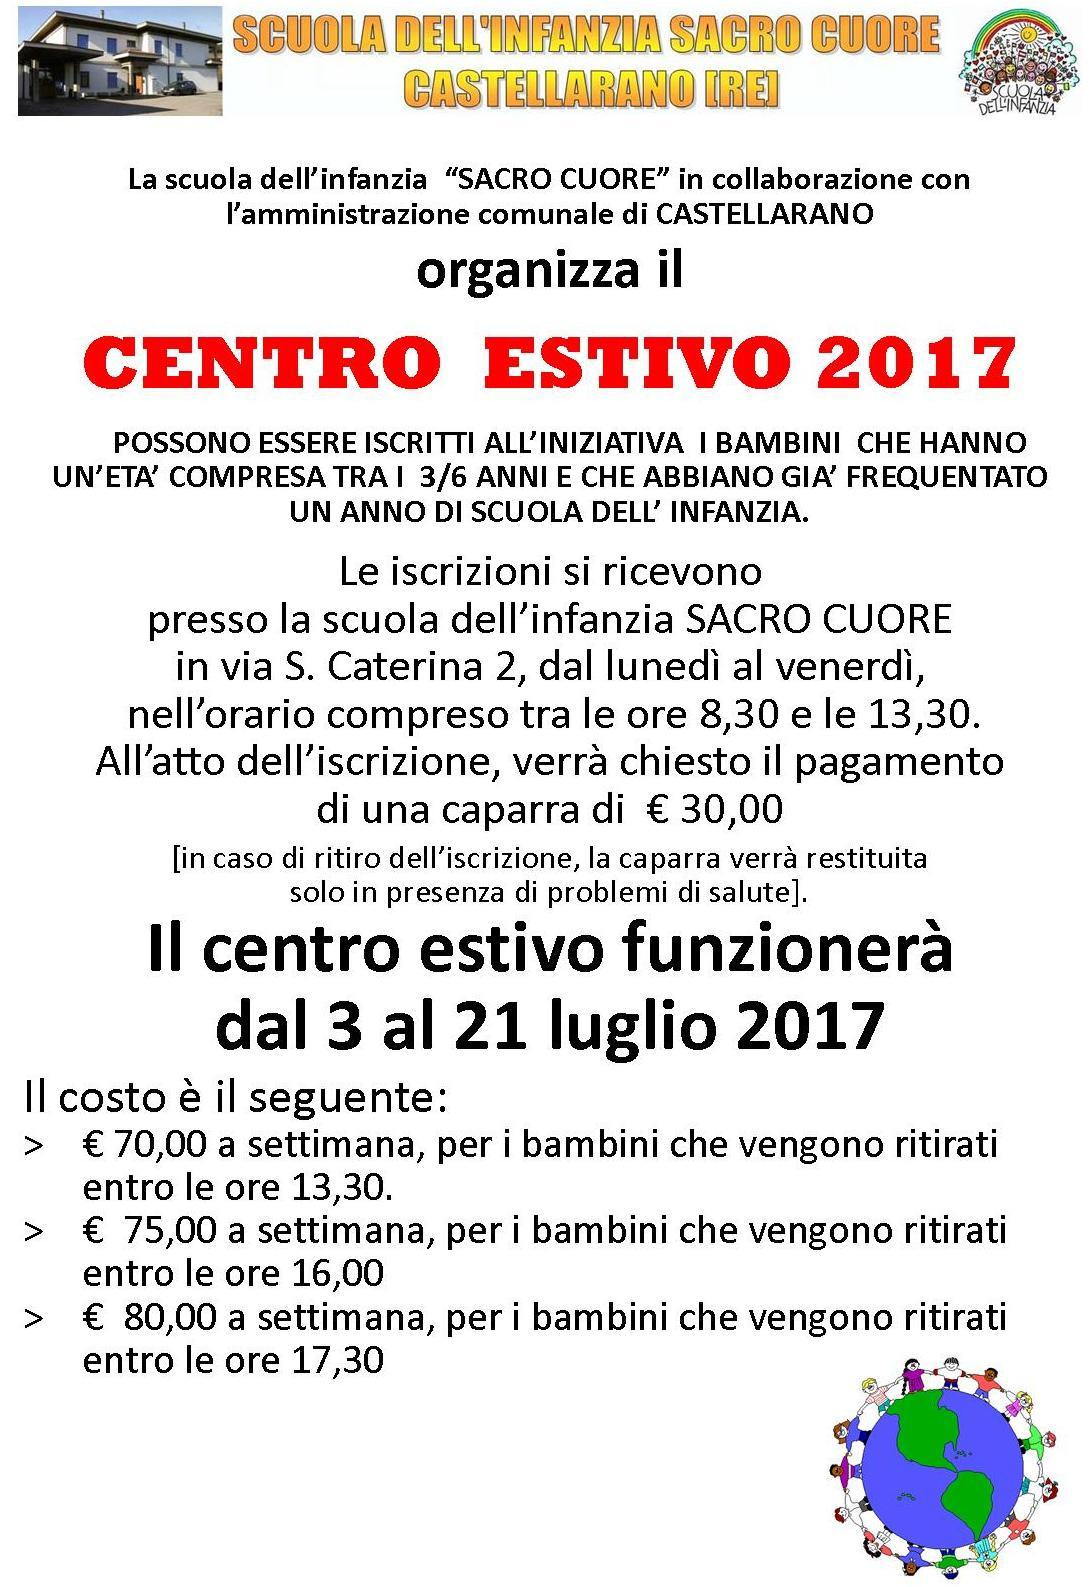 sc-inf-sc-cuore-centro-estivo-2017